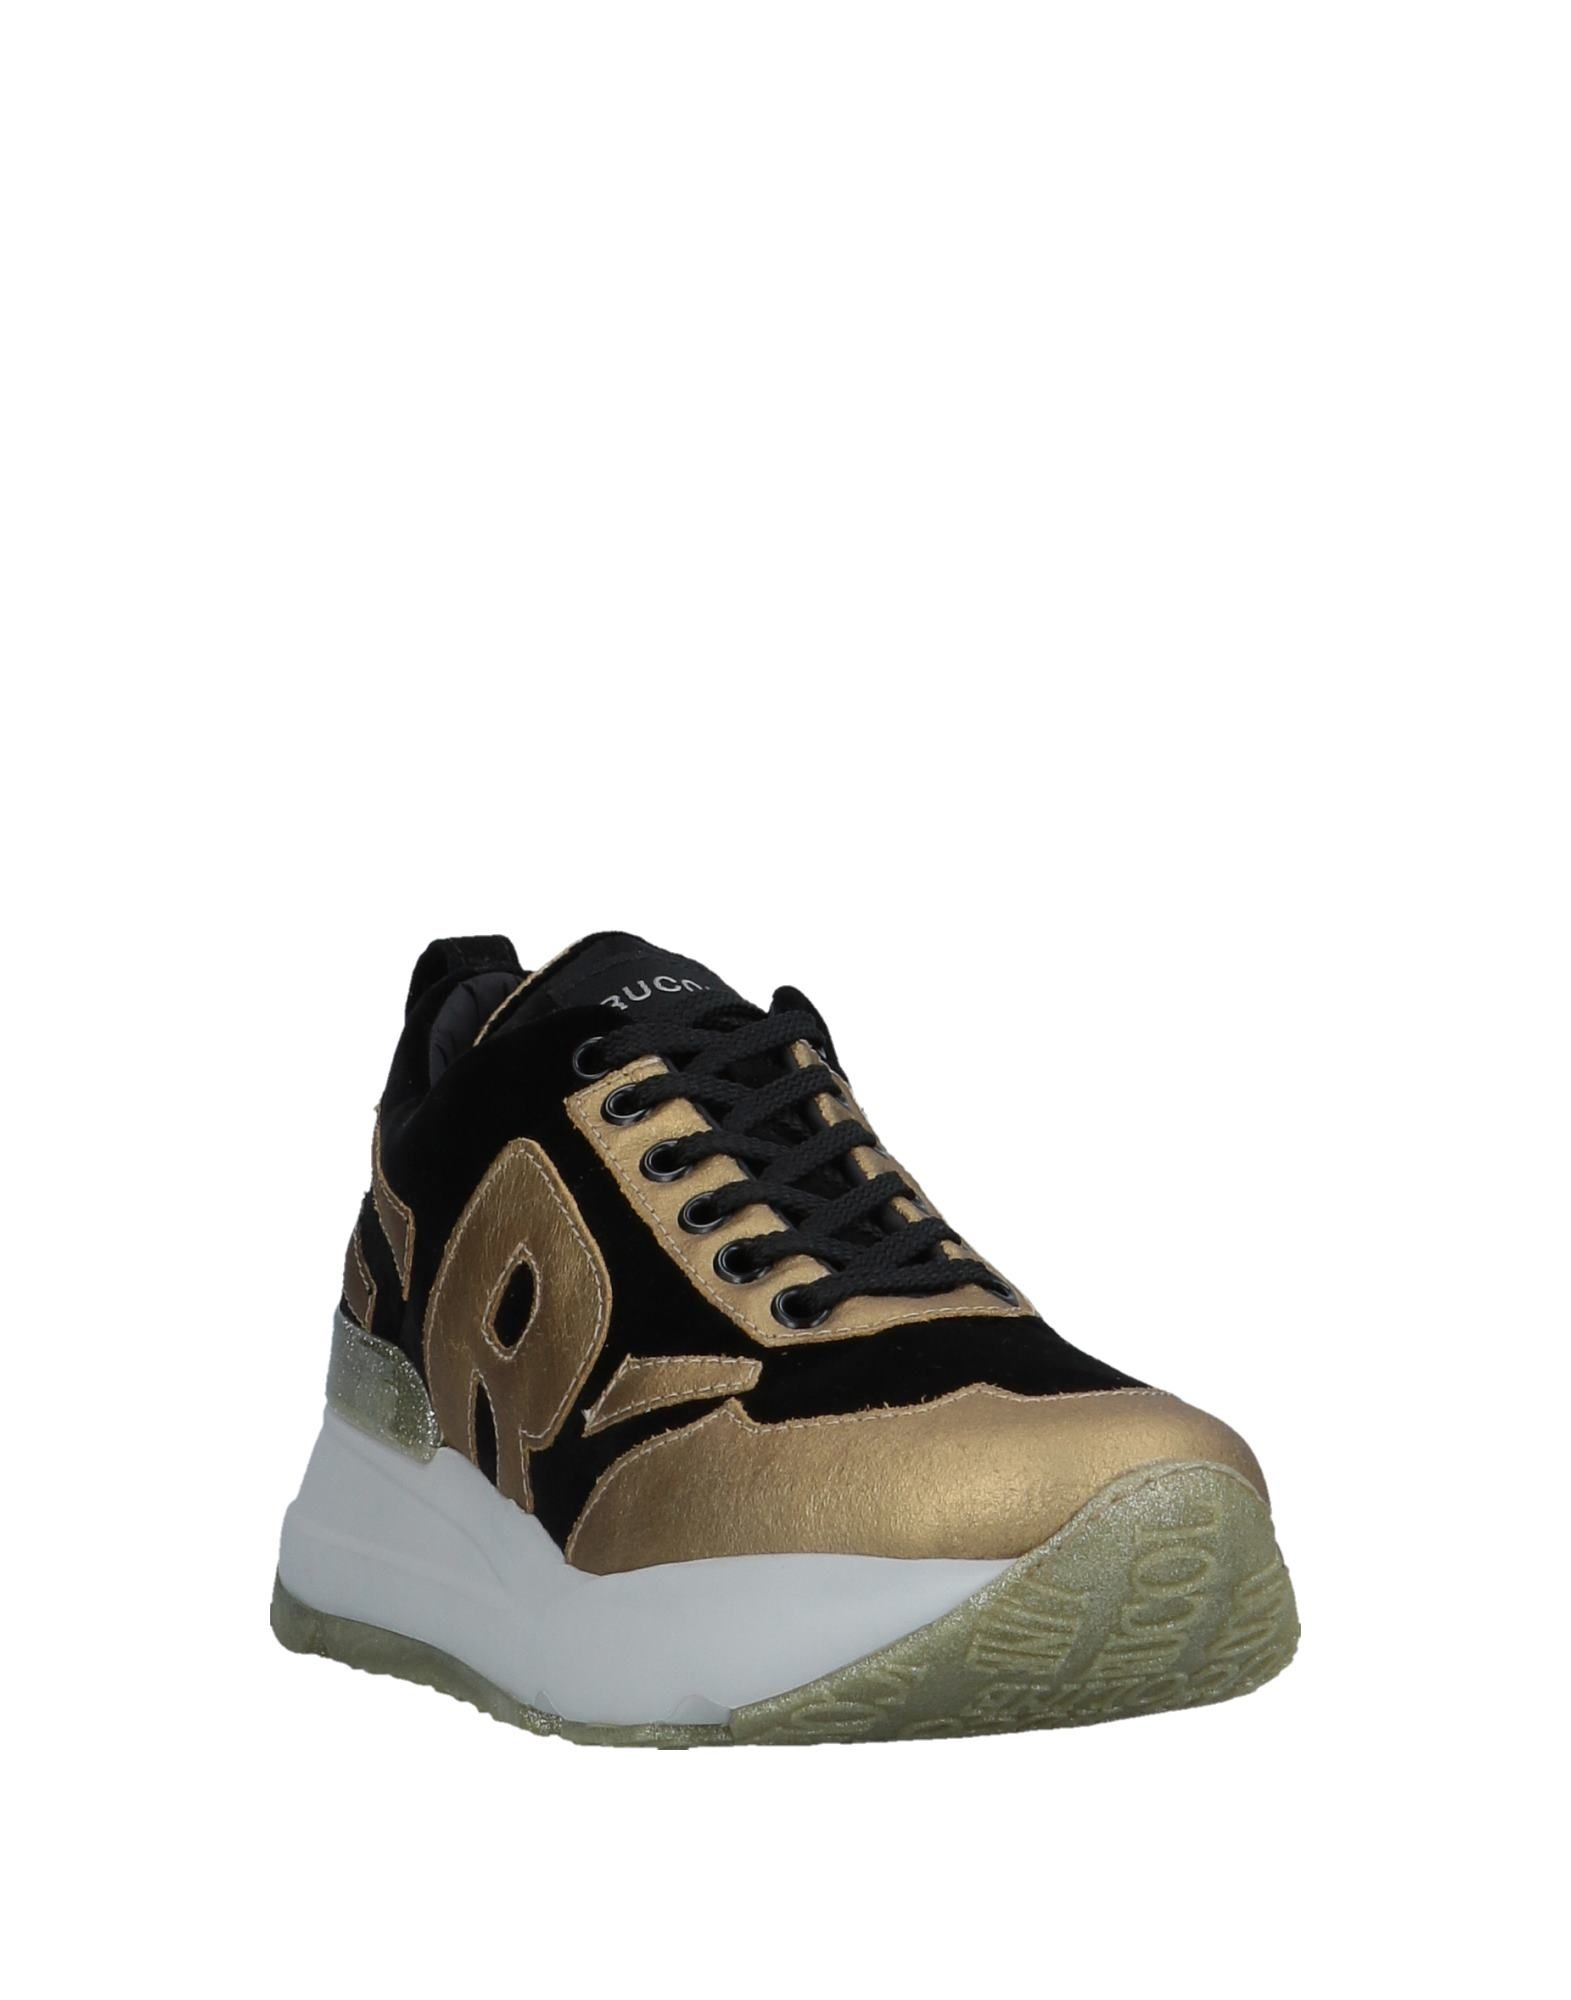 Stilvolle billige Schuhe Ruco Line Sneakers Damen Damen Damen  11544459MX 5aa74b